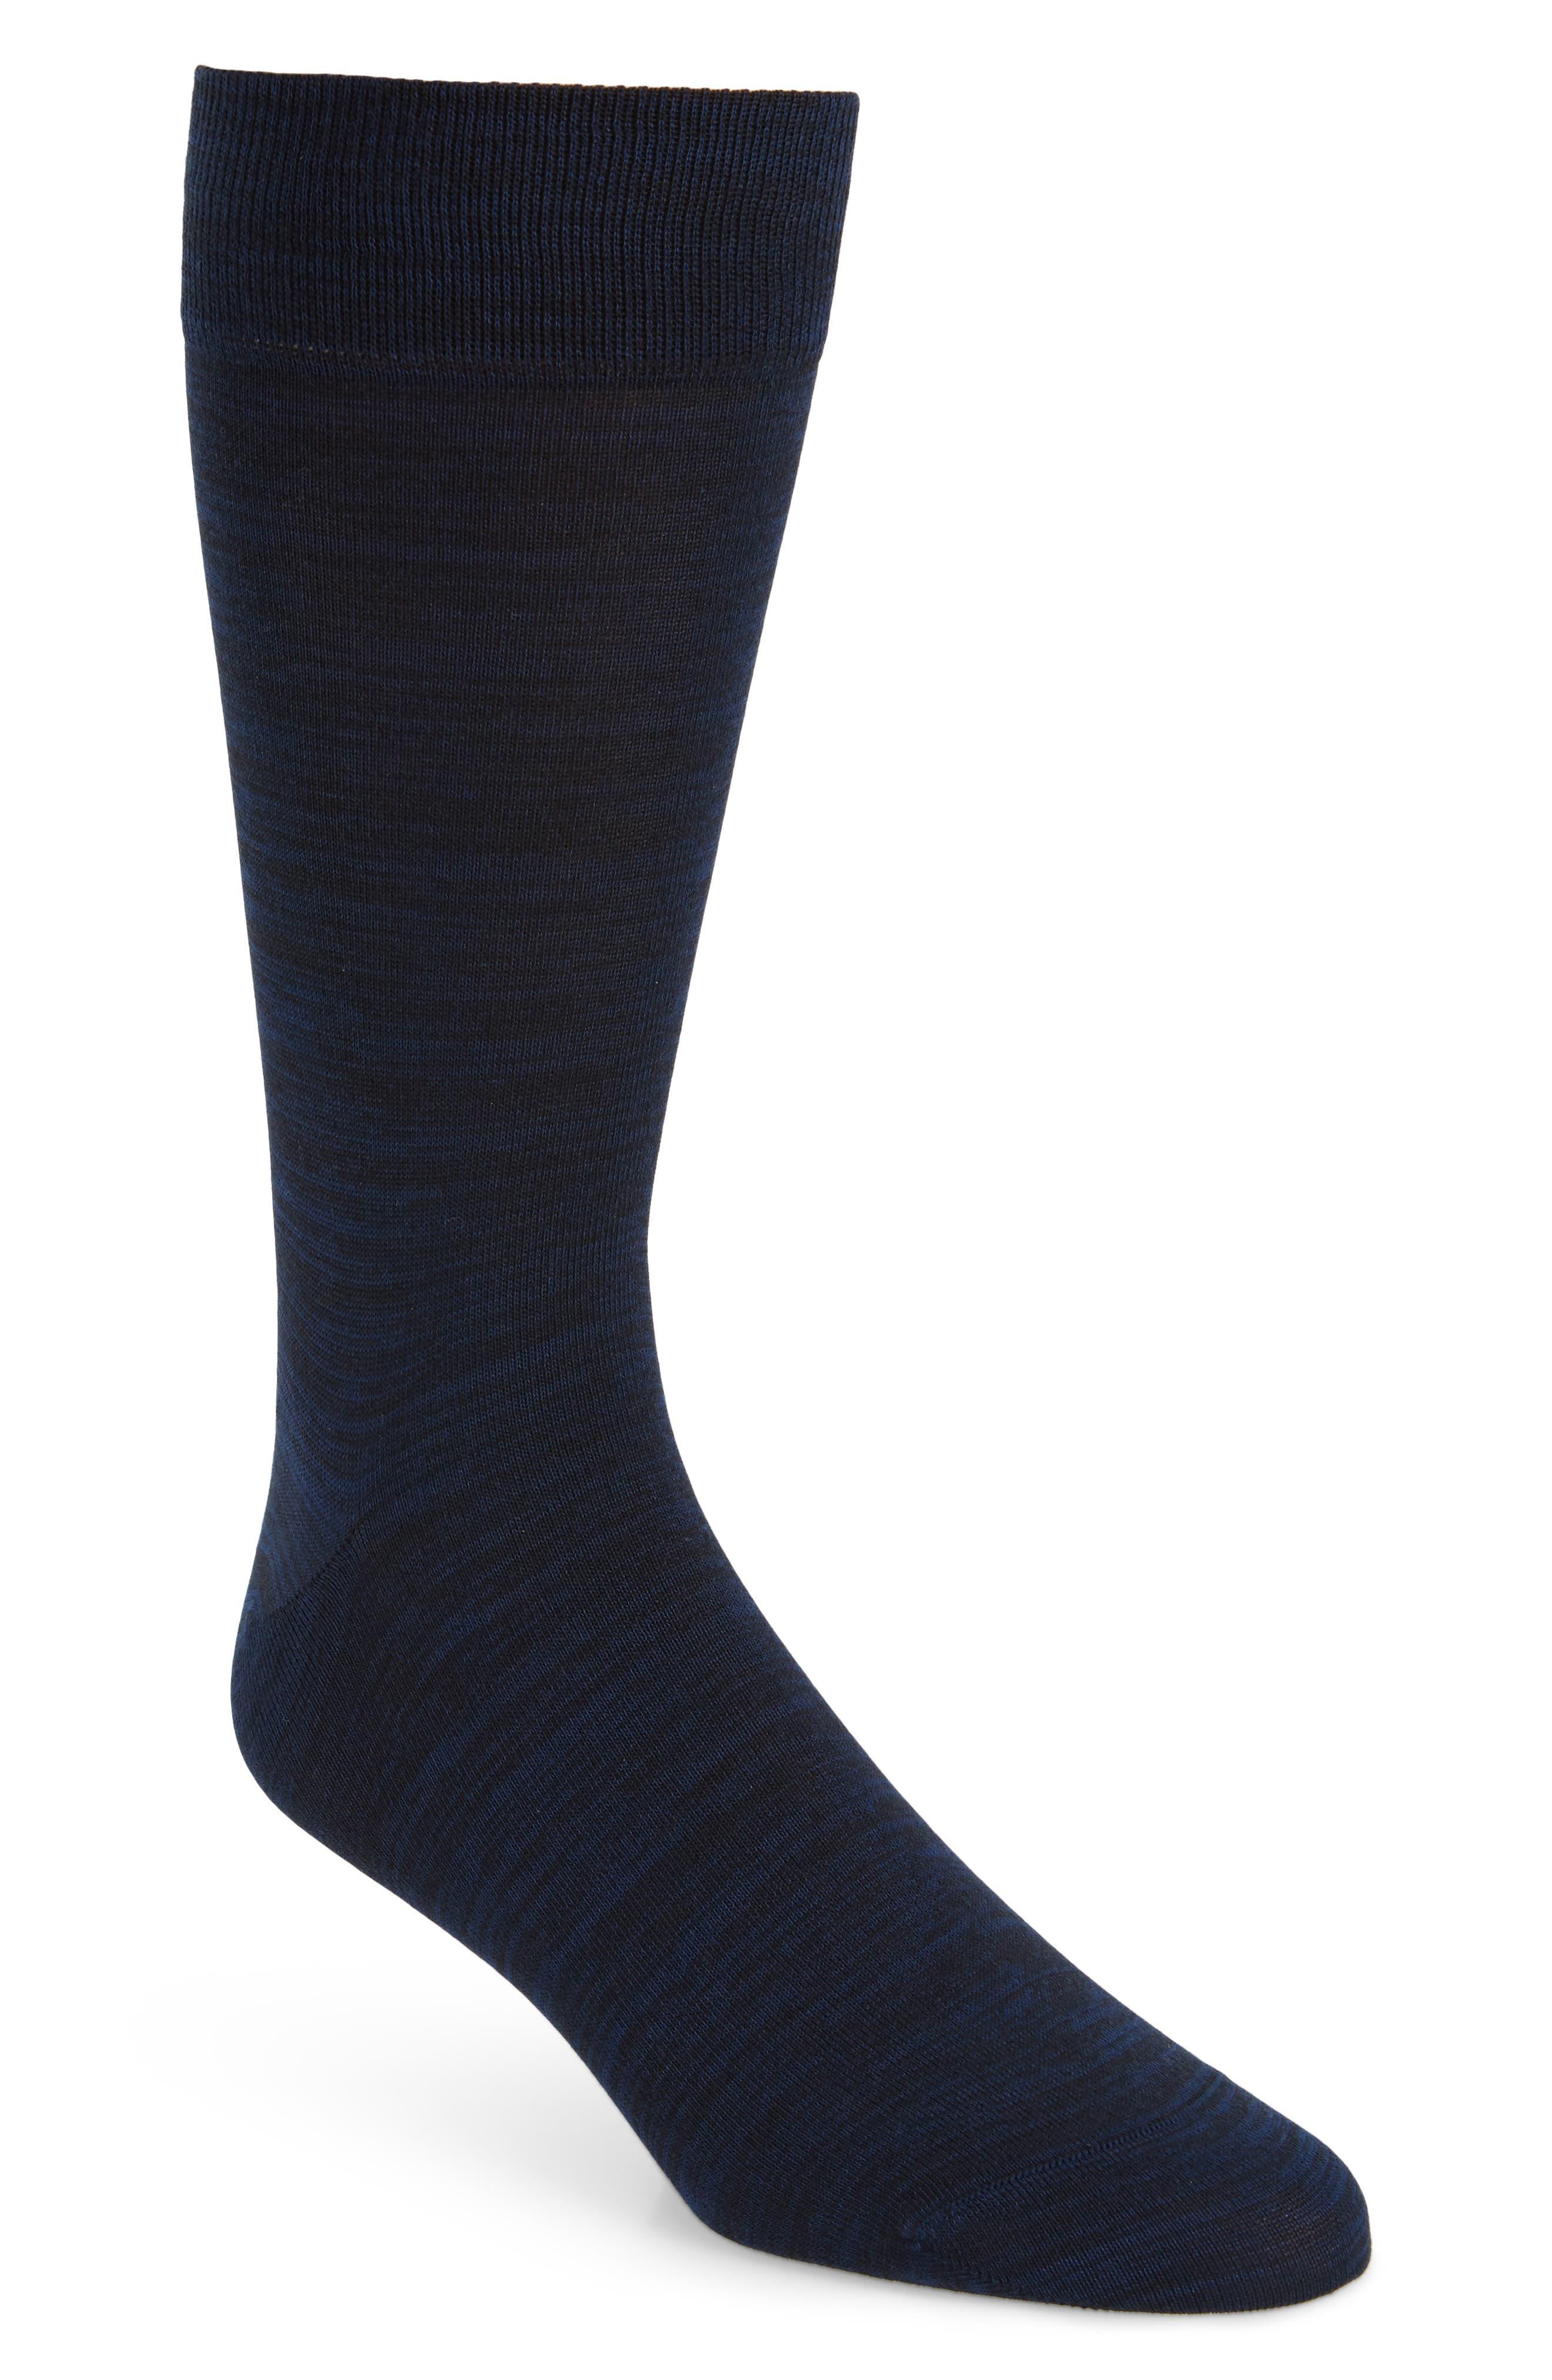 Solid Socks,                         Main,                         color, MIDNIGHT